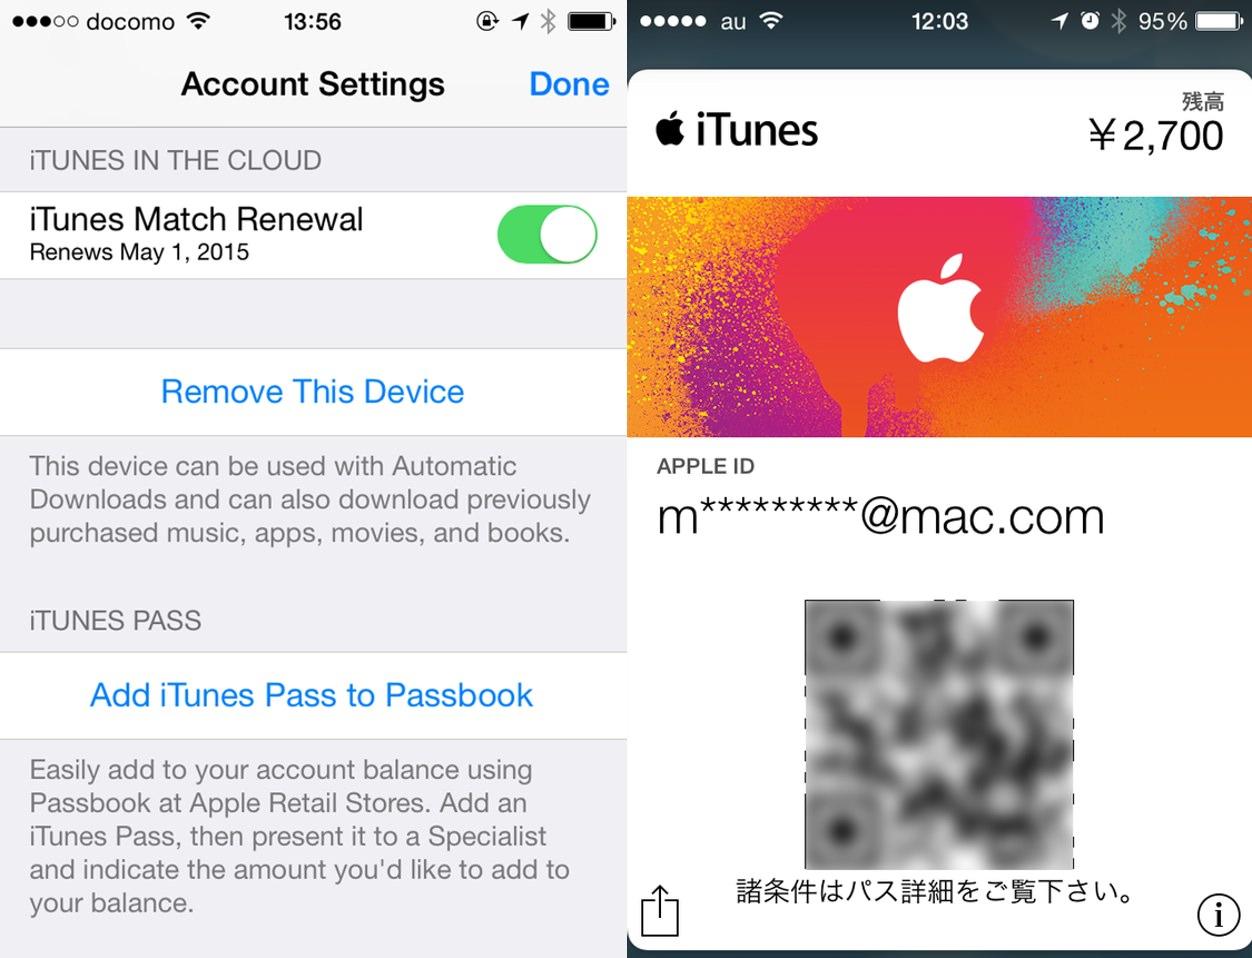 iTunesPass